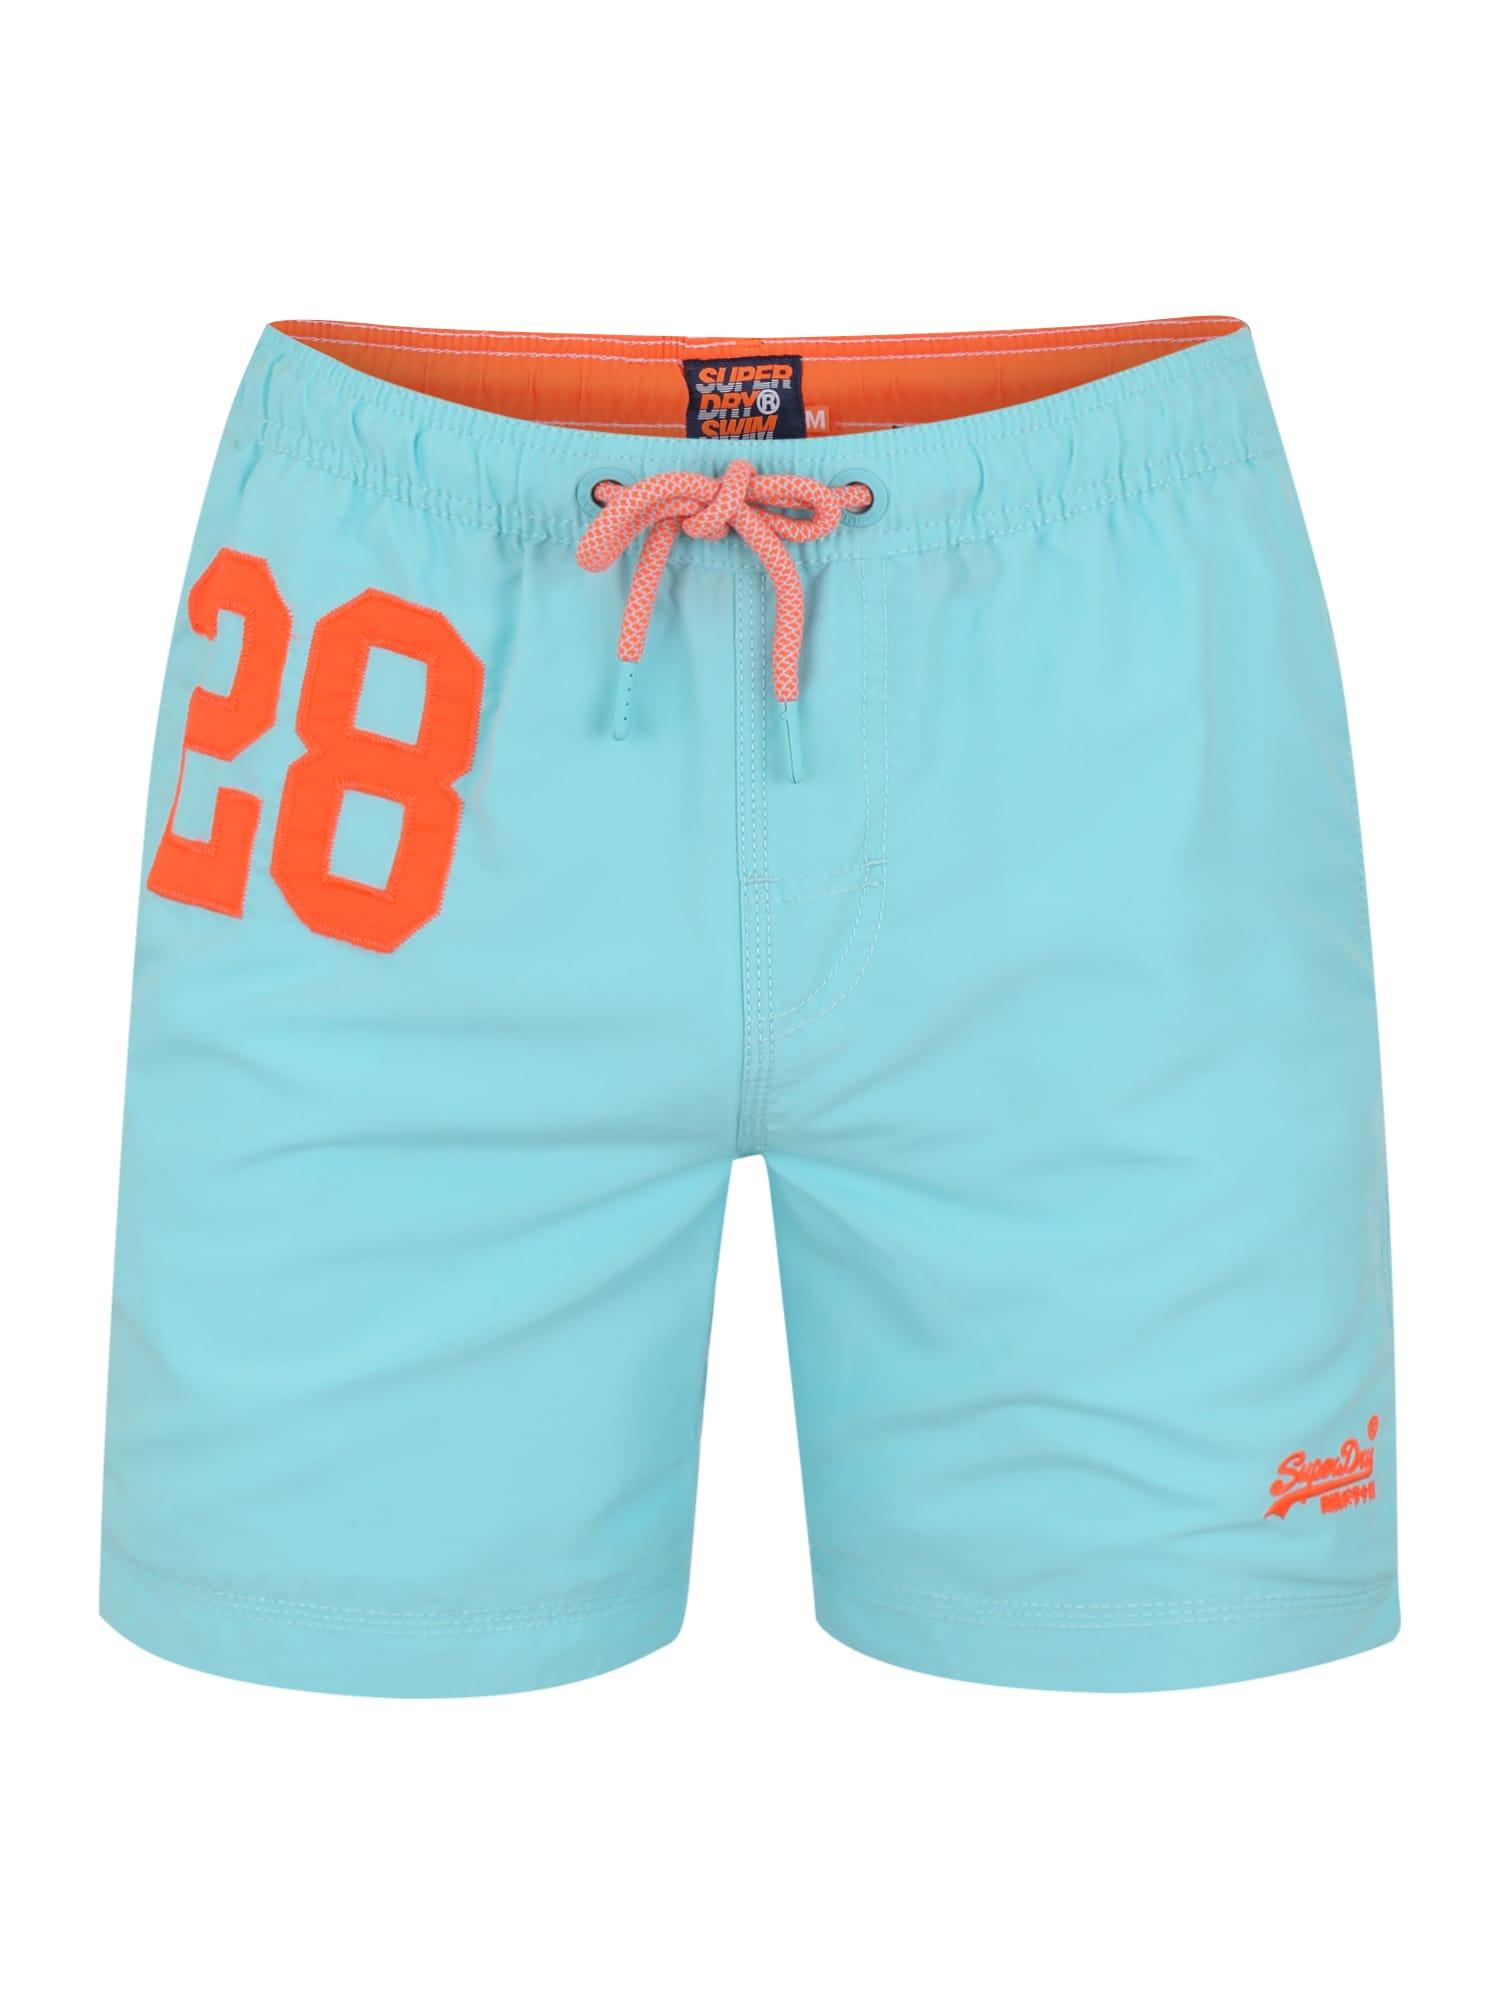 Plavecké šortky Water tyrkysová oranžová Superdry